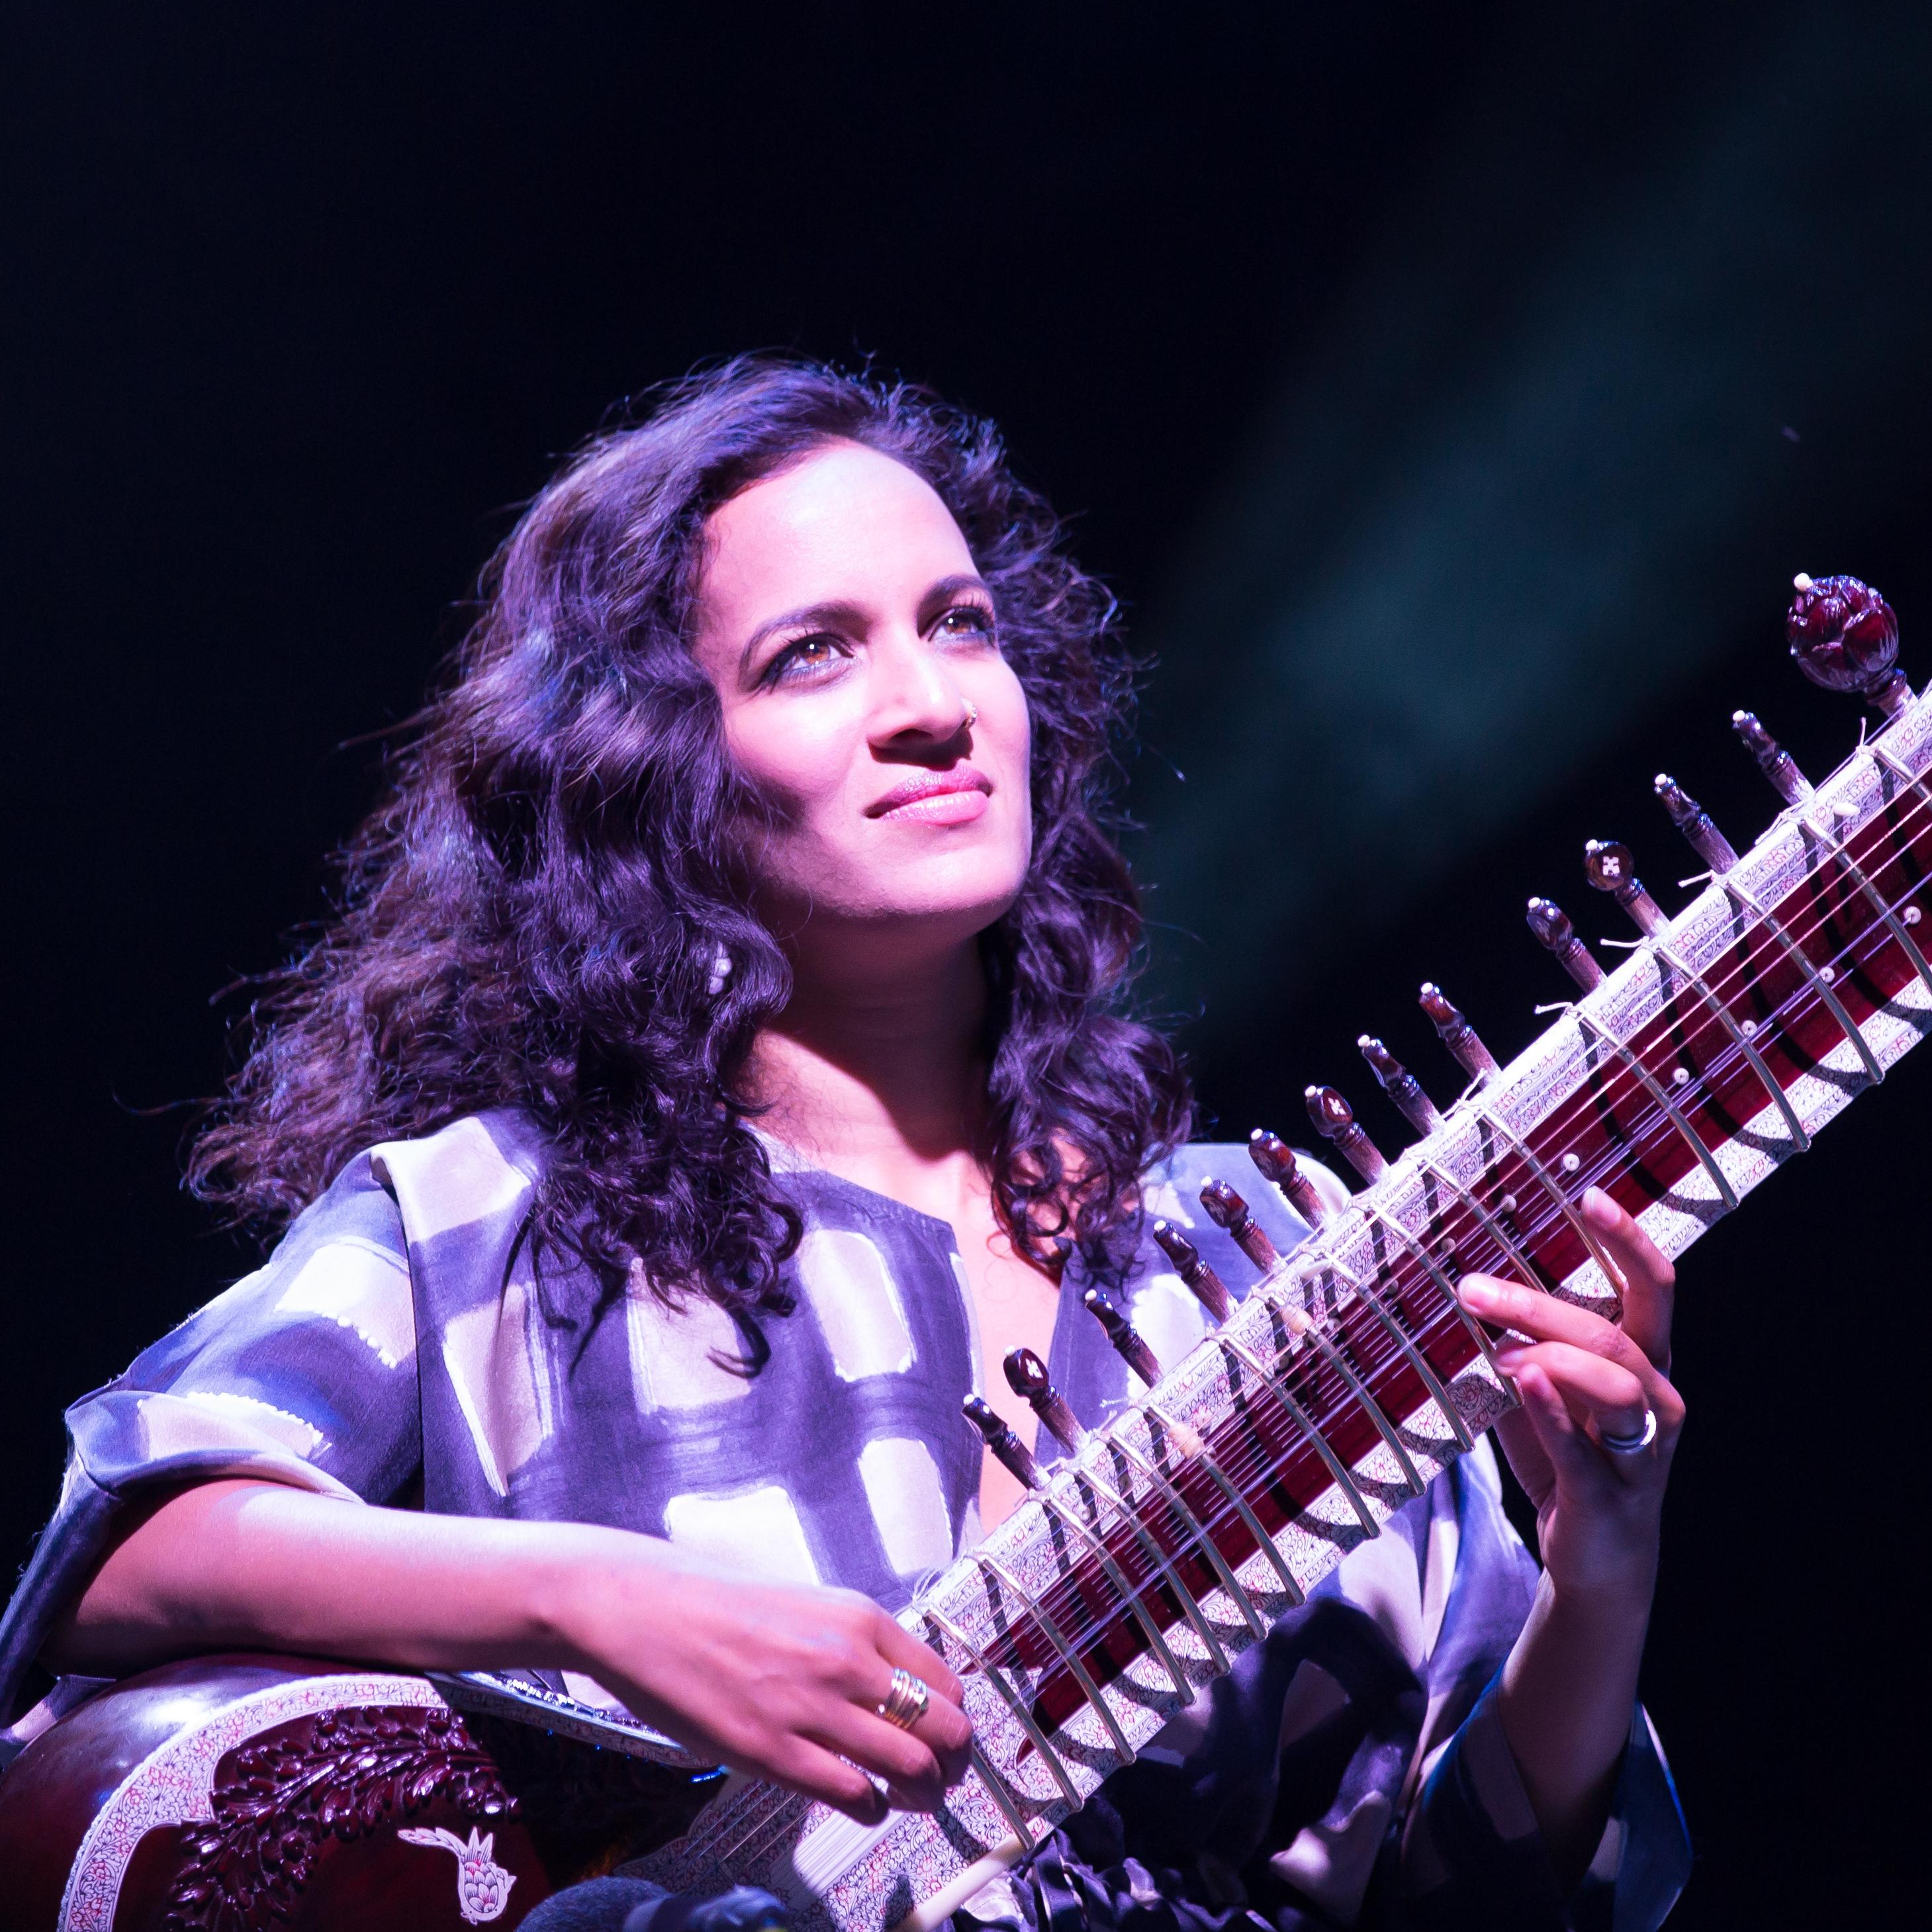 Anoushka_Shankar